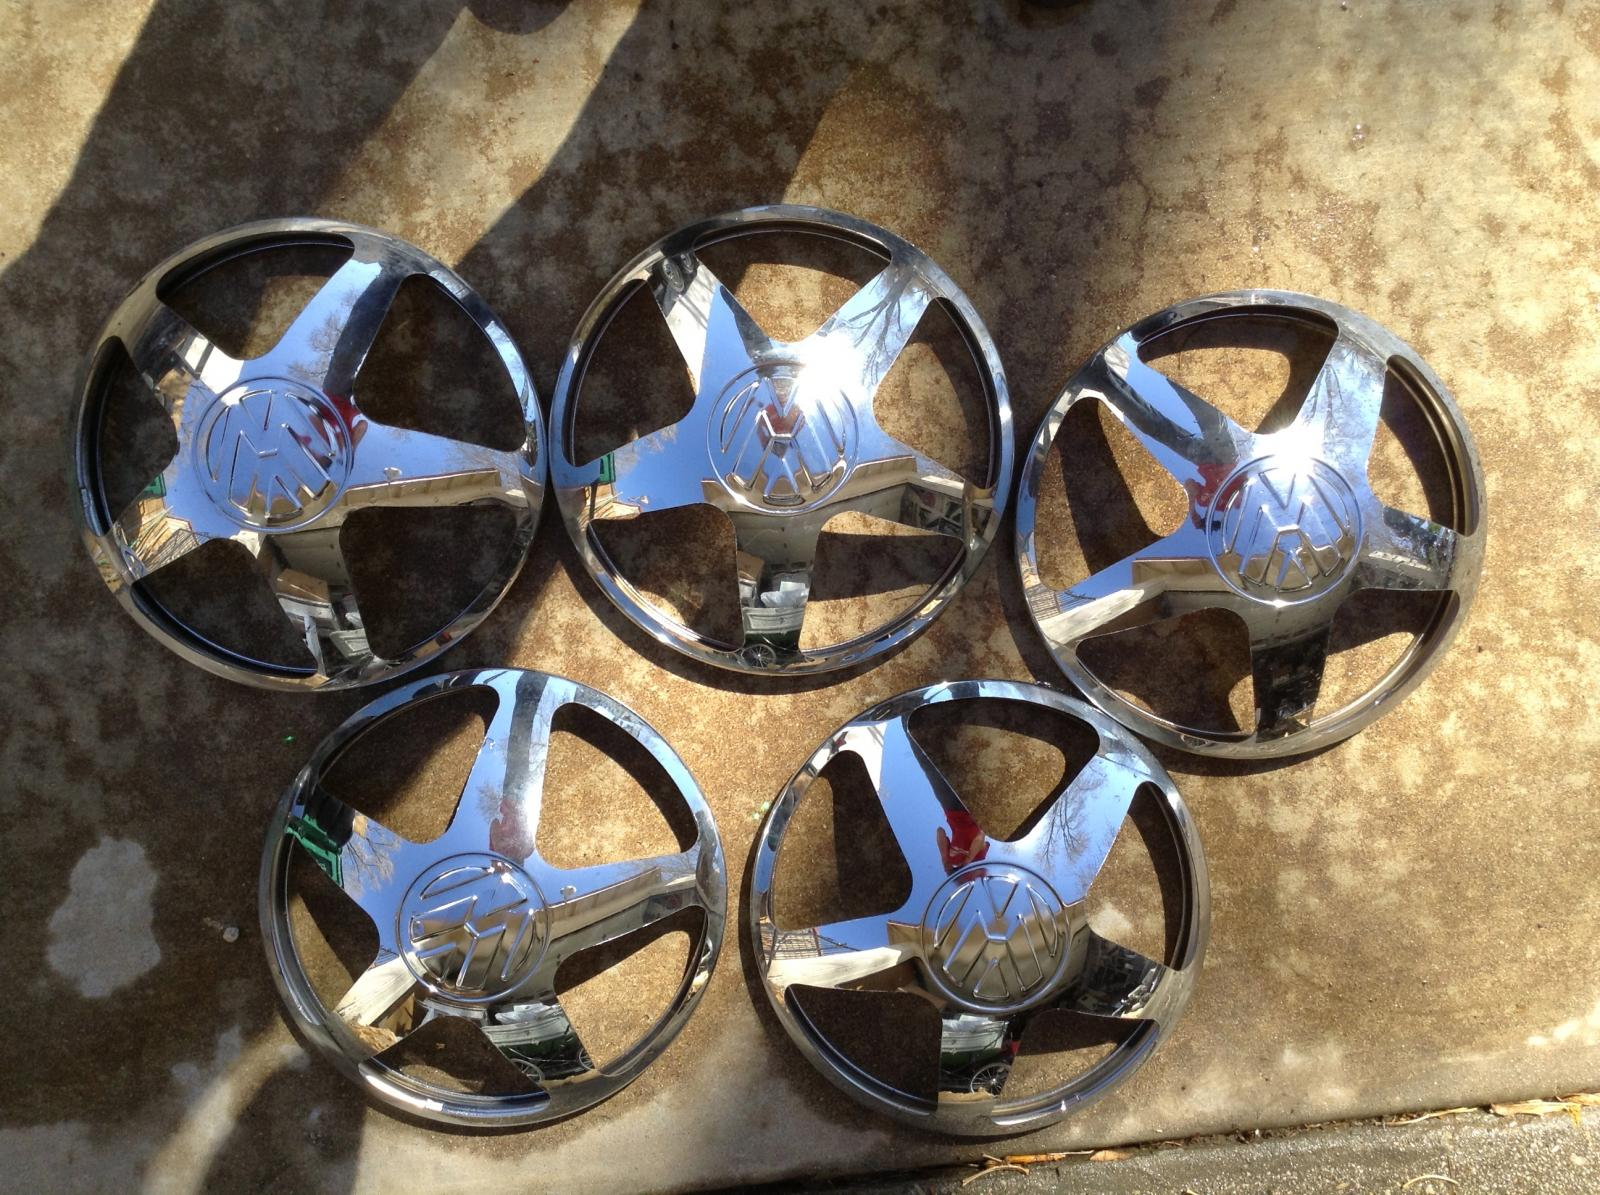 Strange hubcaps found in original VW box in a barn